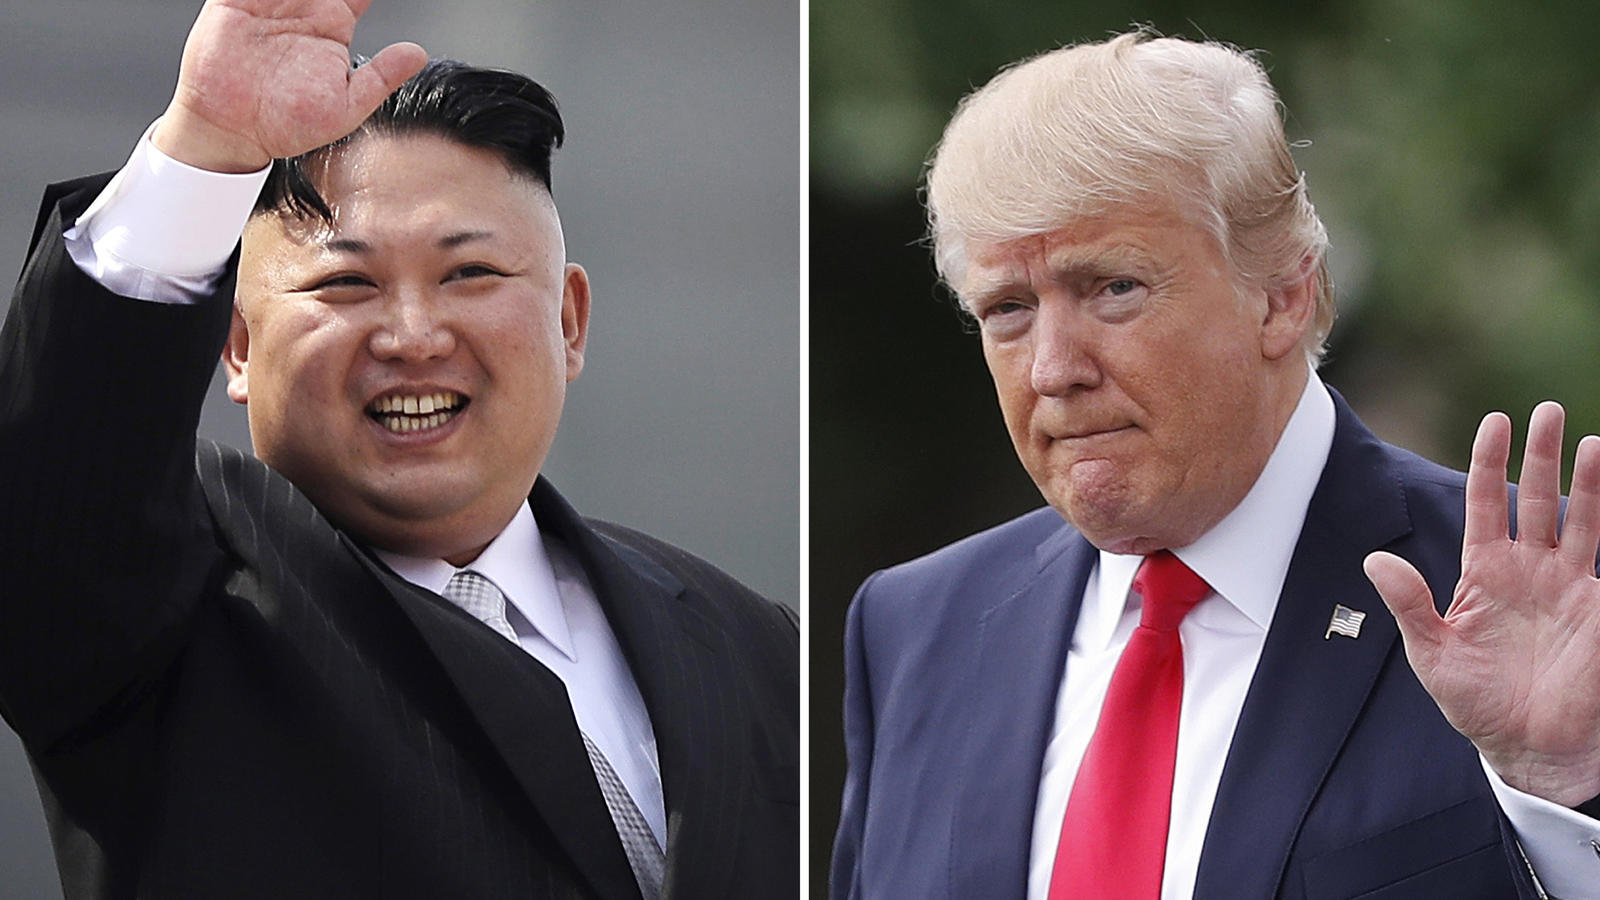 Der nordkoreanischeStaatschef Kim Jong Un und US-Präsident Donald Trump drohen sich gegenseitig.